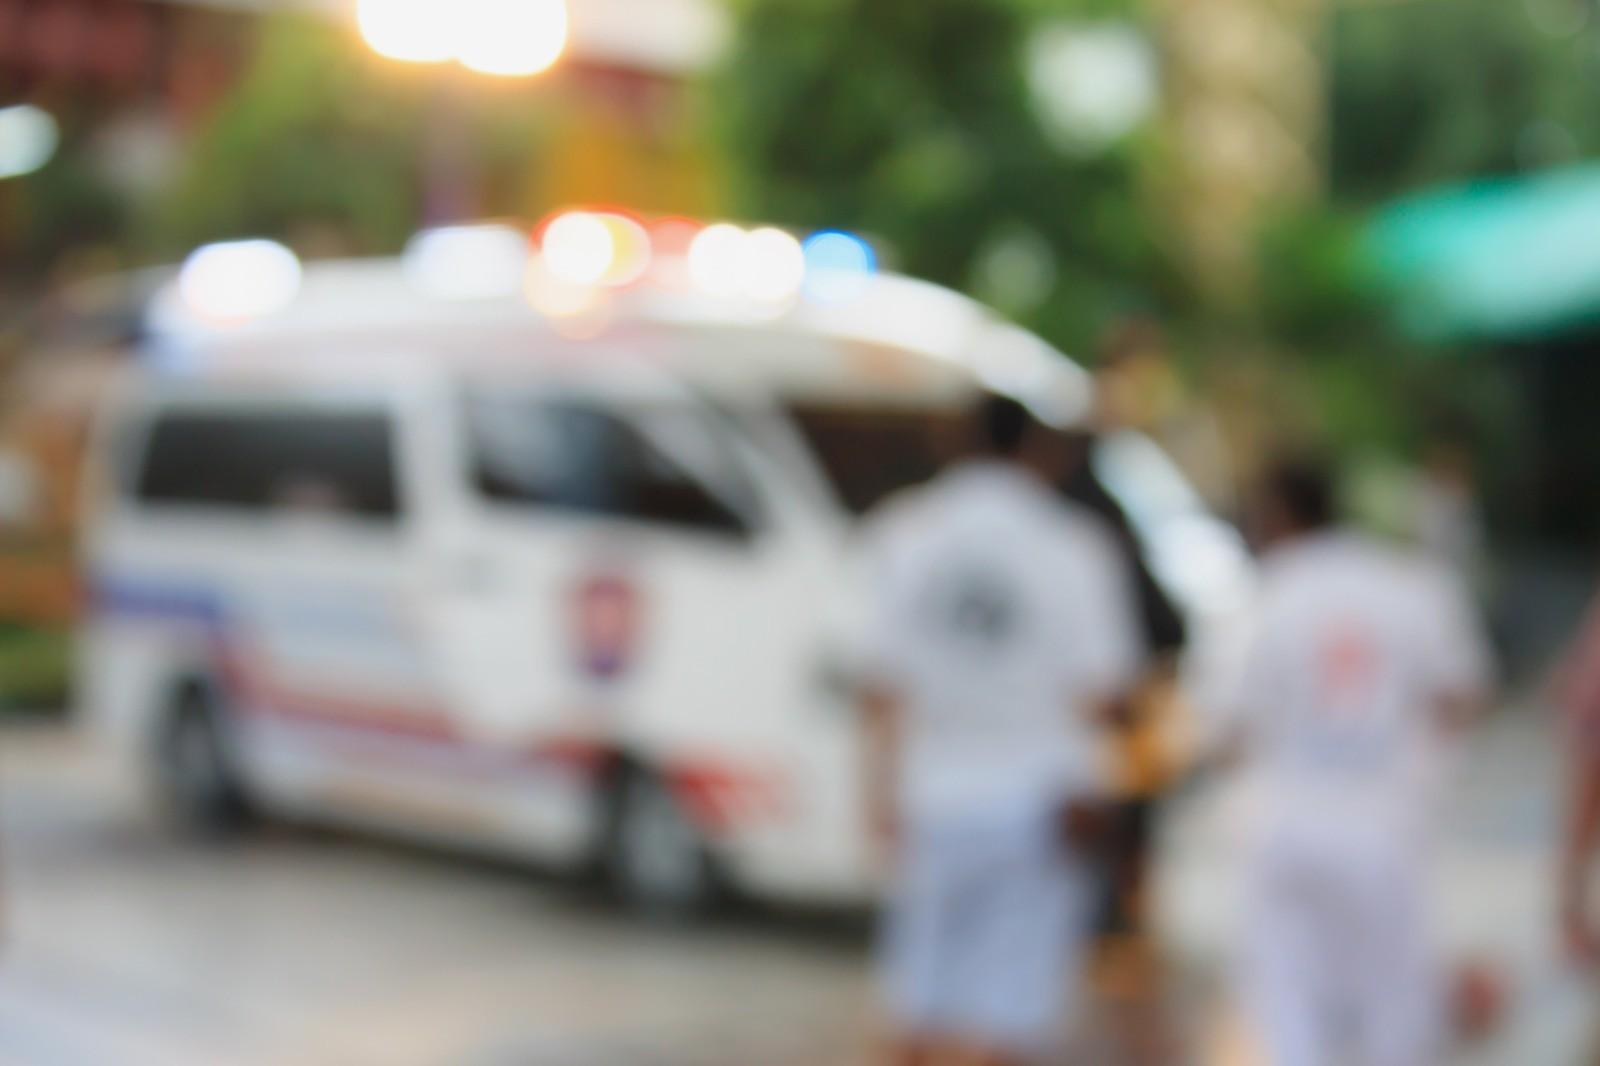 Özel ambulans hizmeti araçlarında en az üç tane personelden meydana gelen bir ekip görev yapmaktadır.